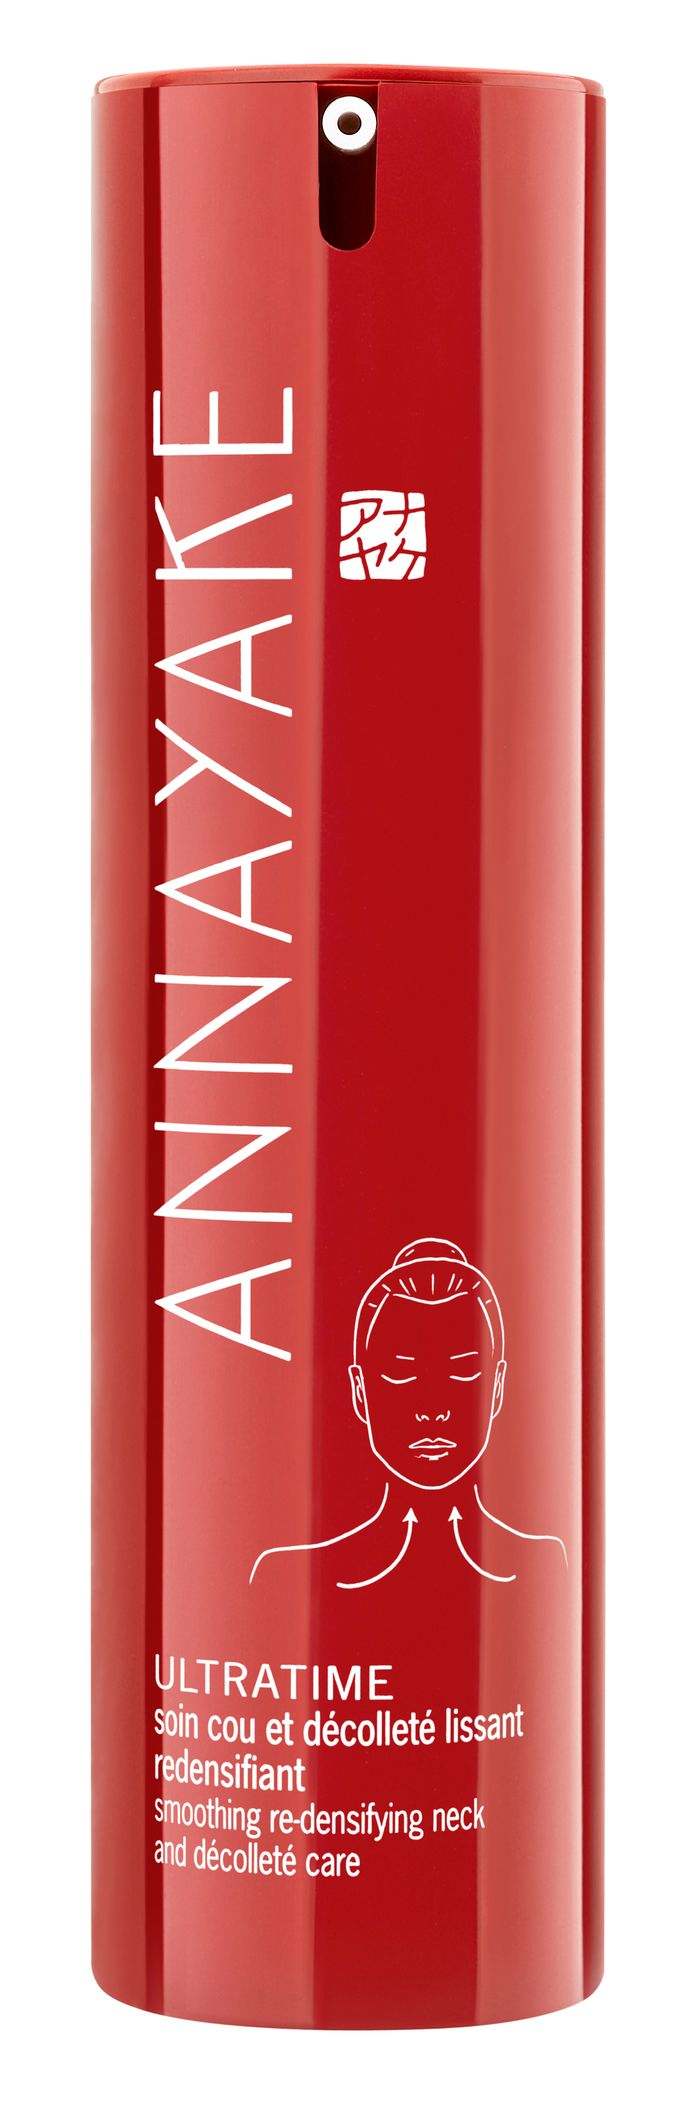 Ultratime Soin cou et décolleté lissant redensifiant de Annayake - Une texture satin qui pénètre rapidement - Prix: 80 euros.